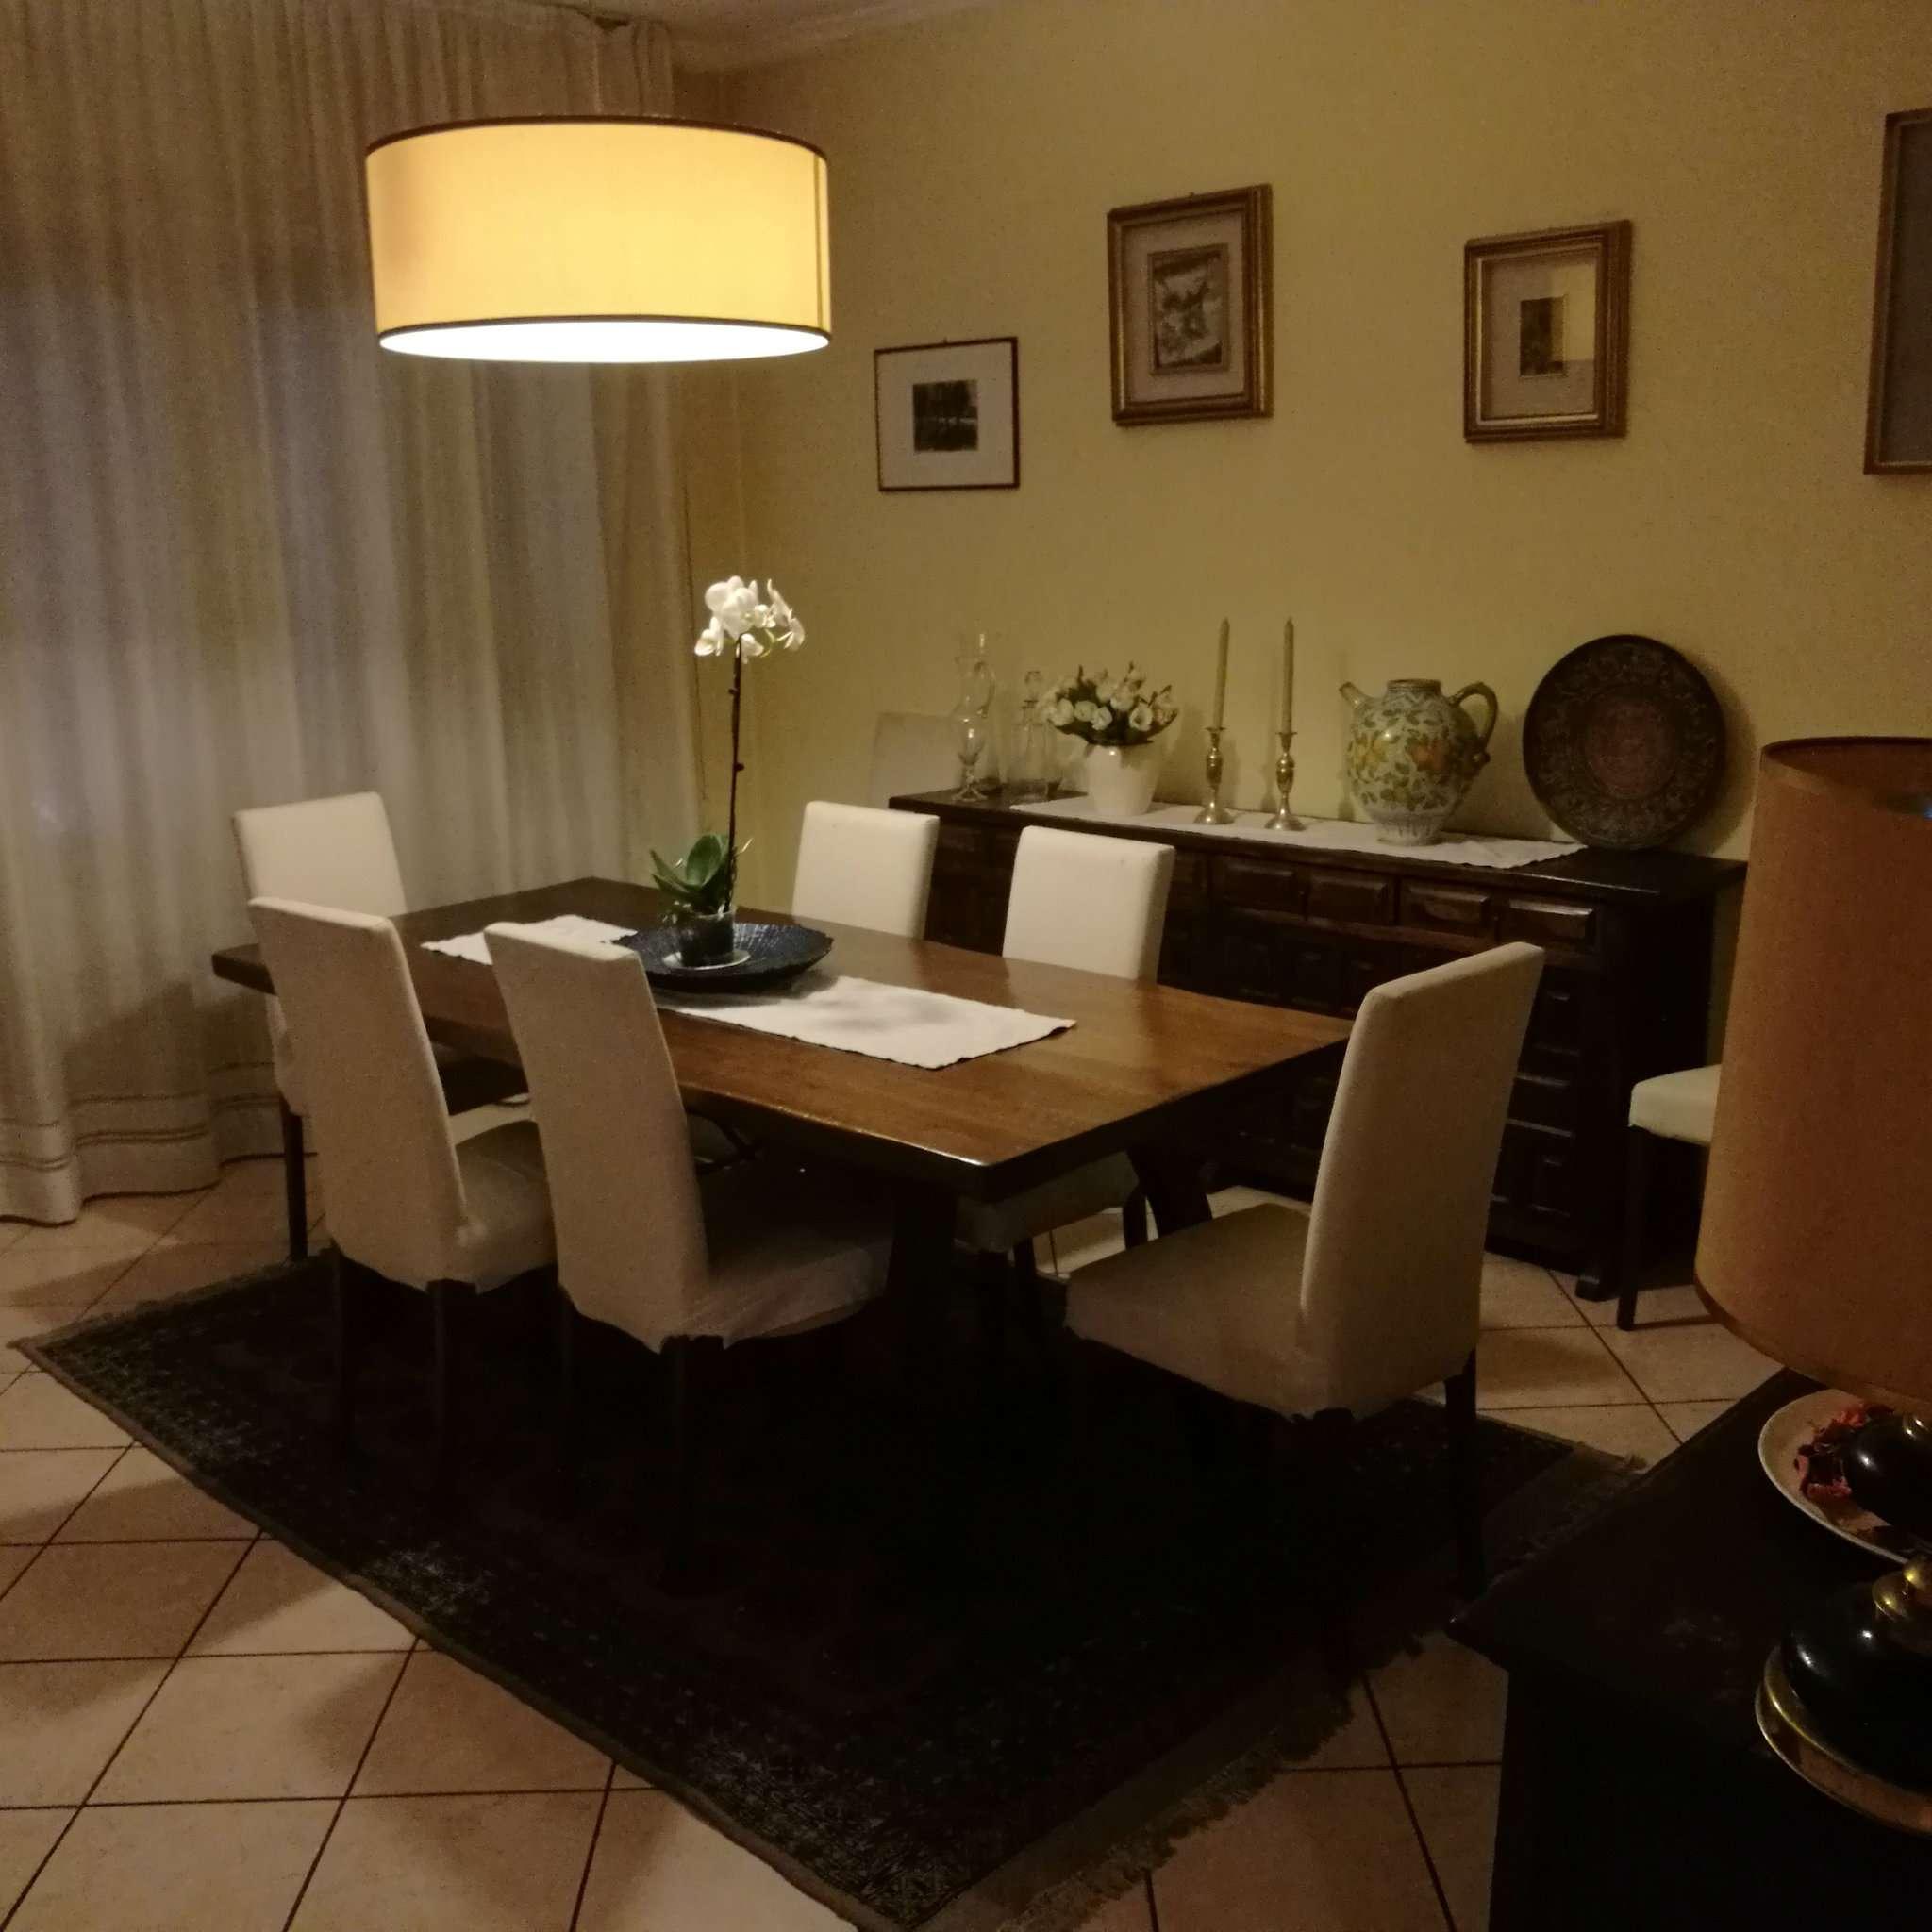 Appartamento in vendita a Padova, 5 locali, zona Zona: 2 . Nord (Arcella, S.Carlo, Pontevigodarzere), prezzo € 120.000 | CambioCasa.it